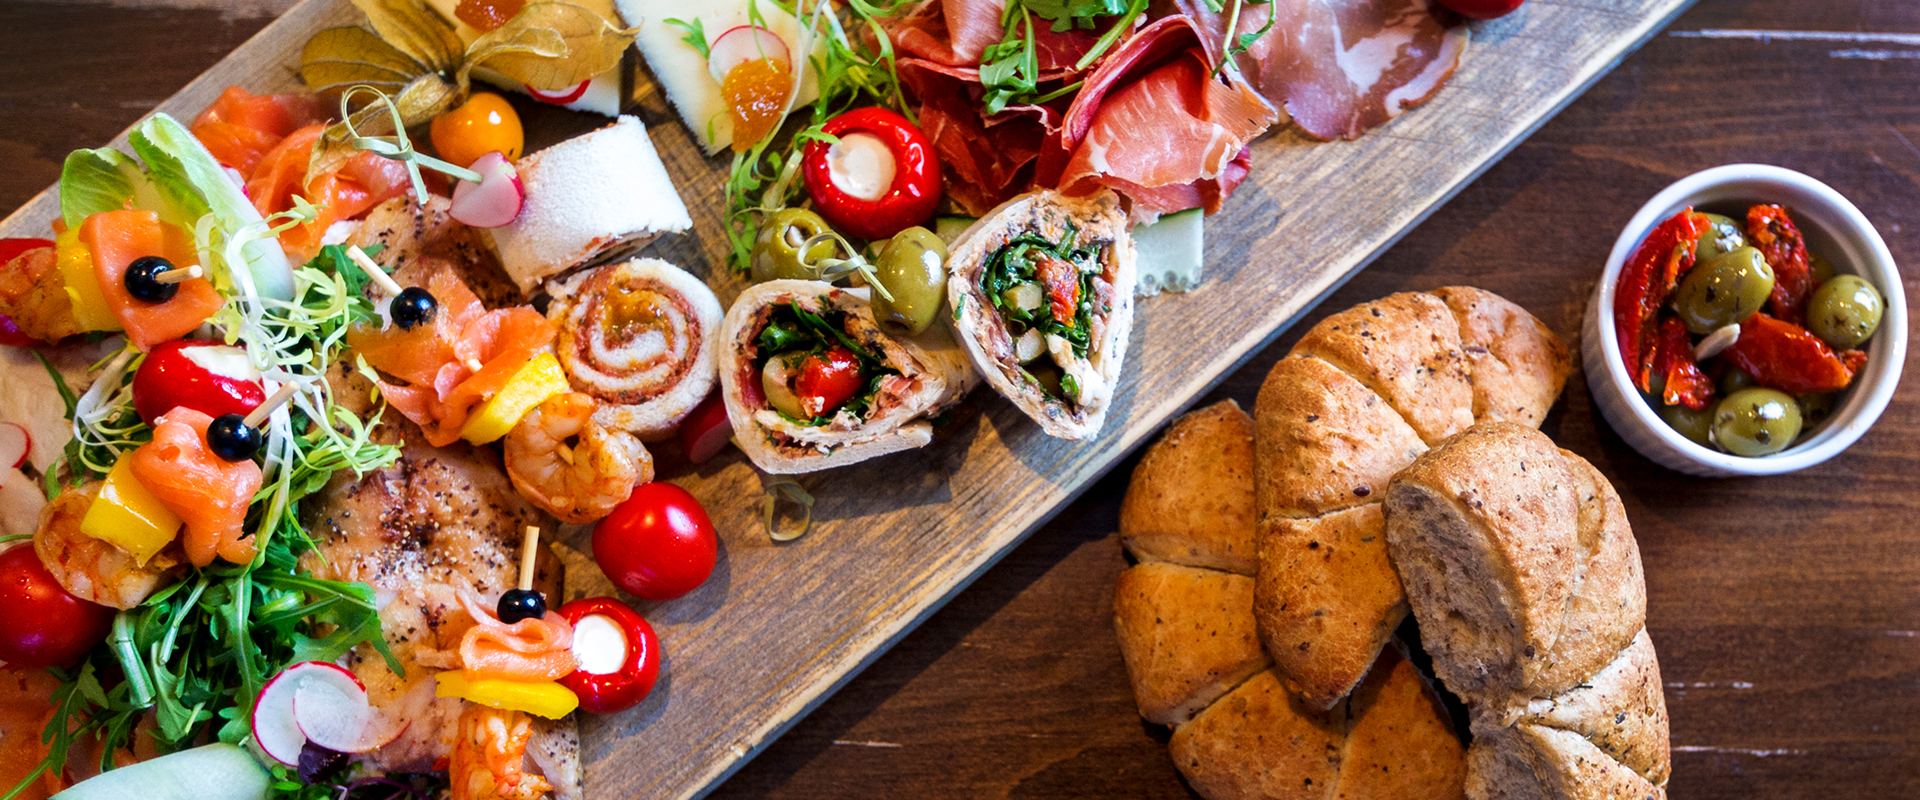 Broodje van de lunchservice